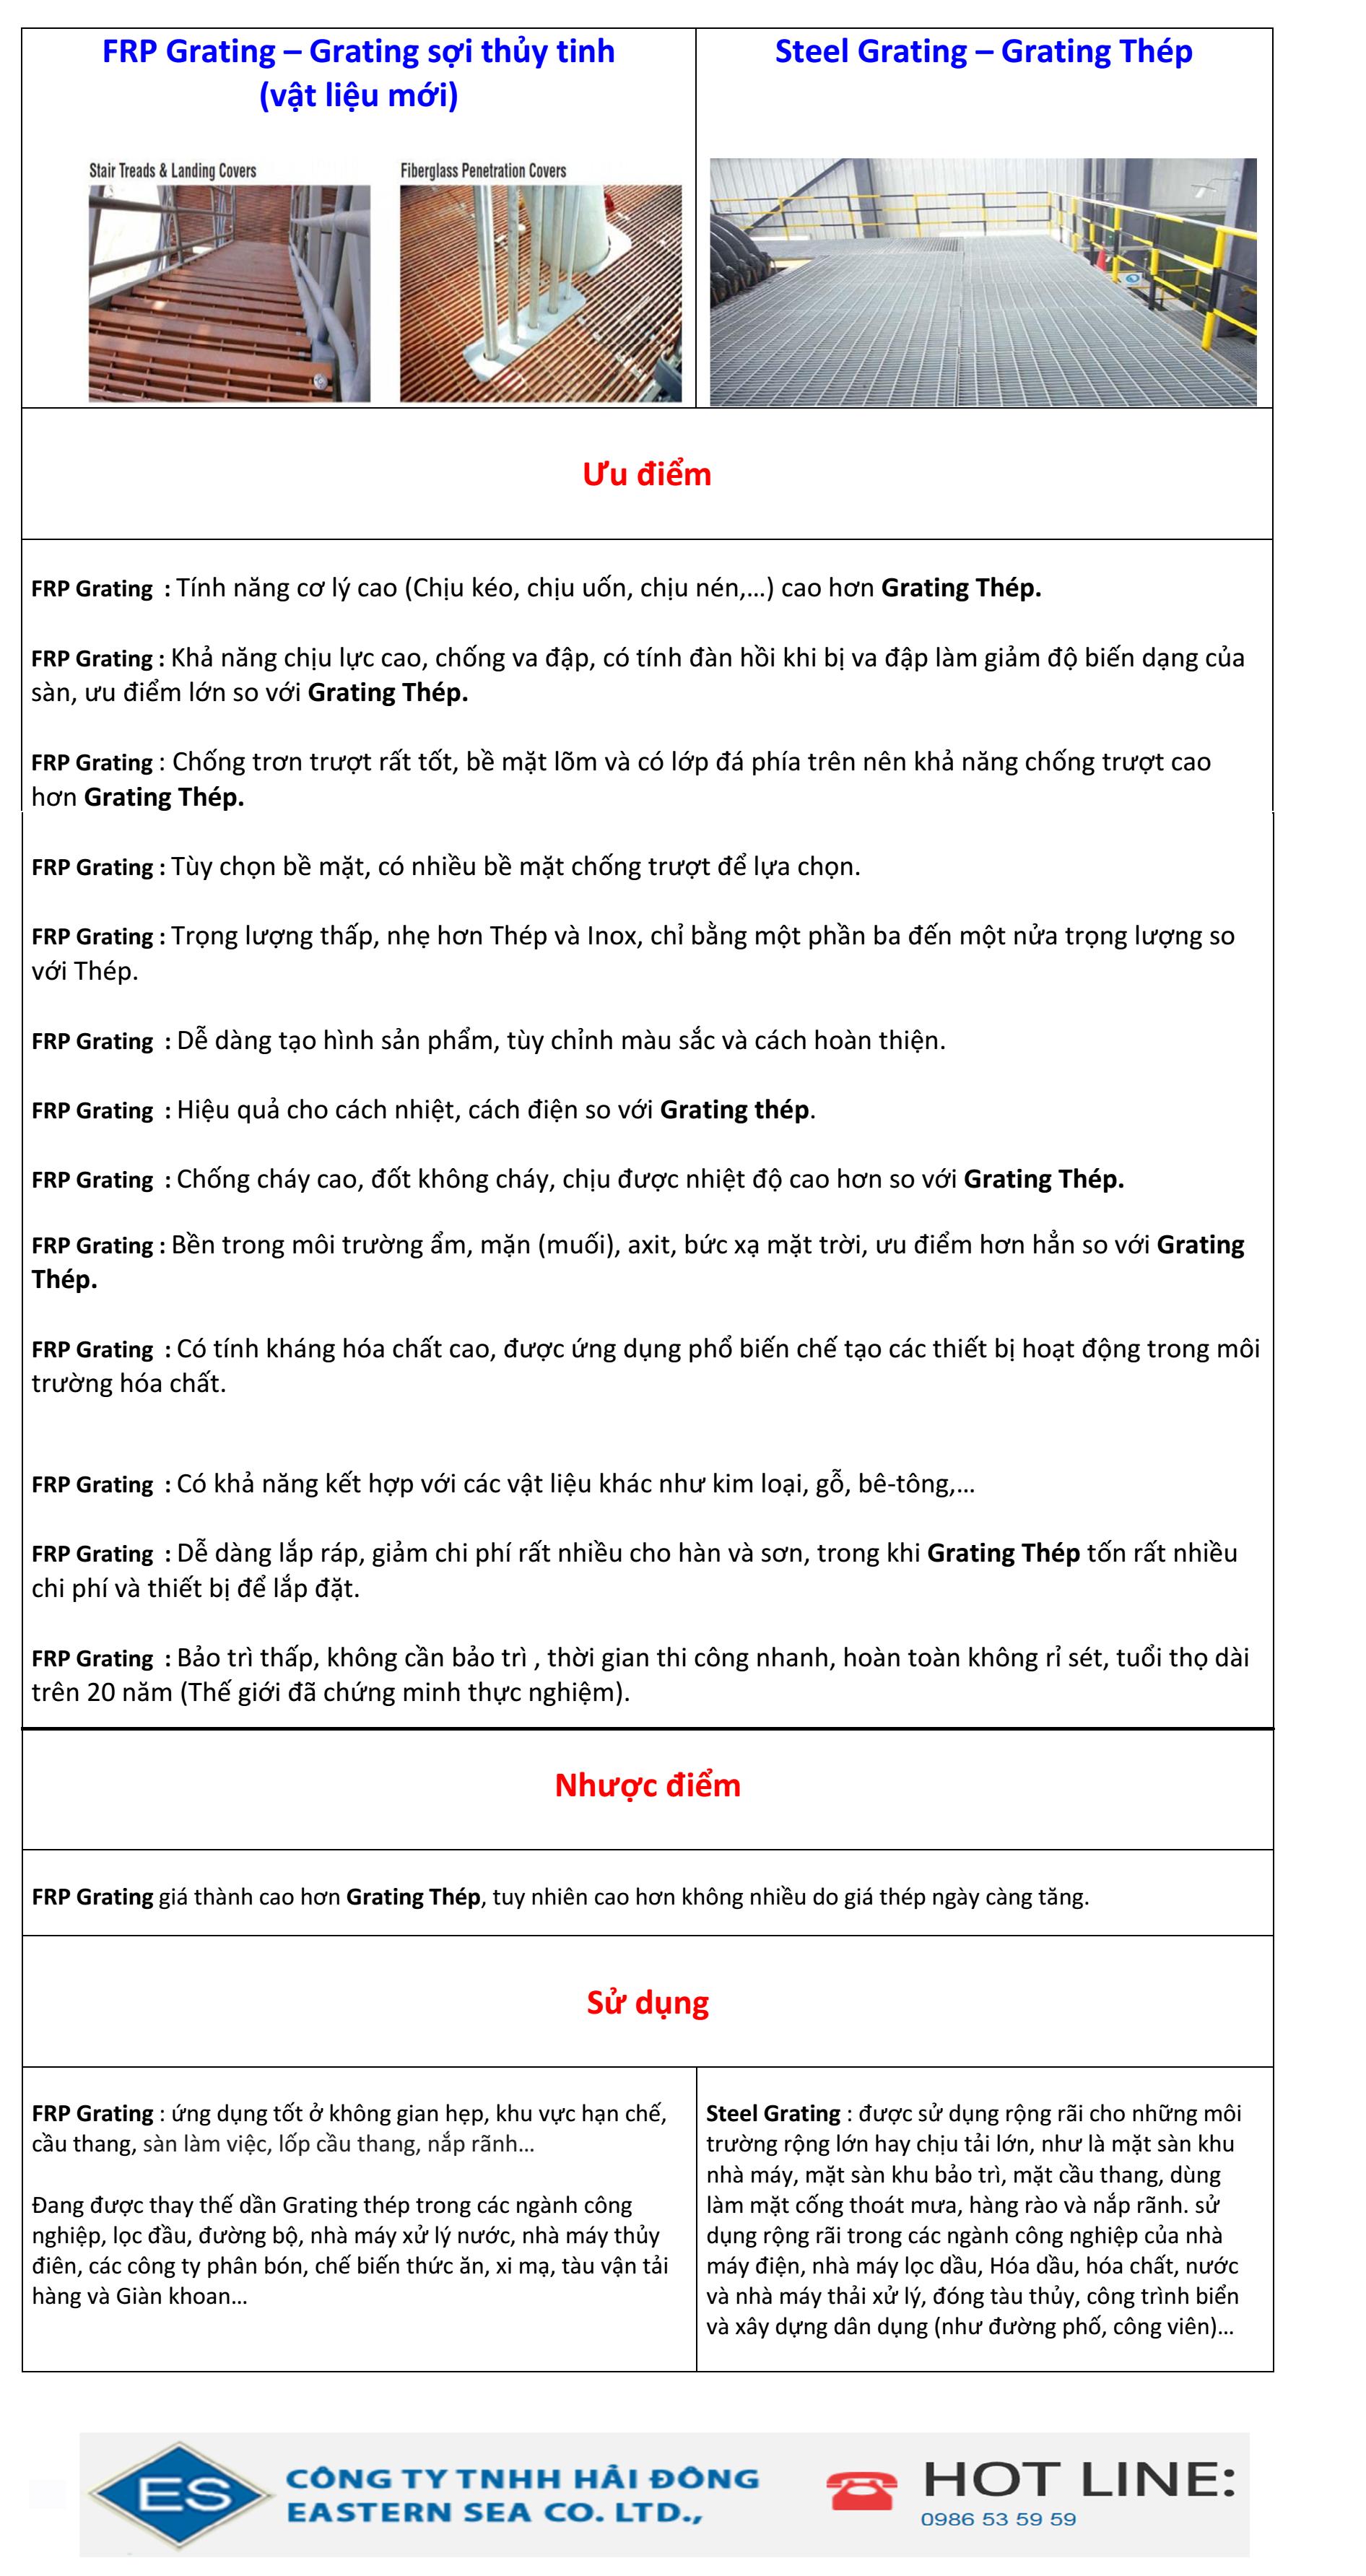 trang-1